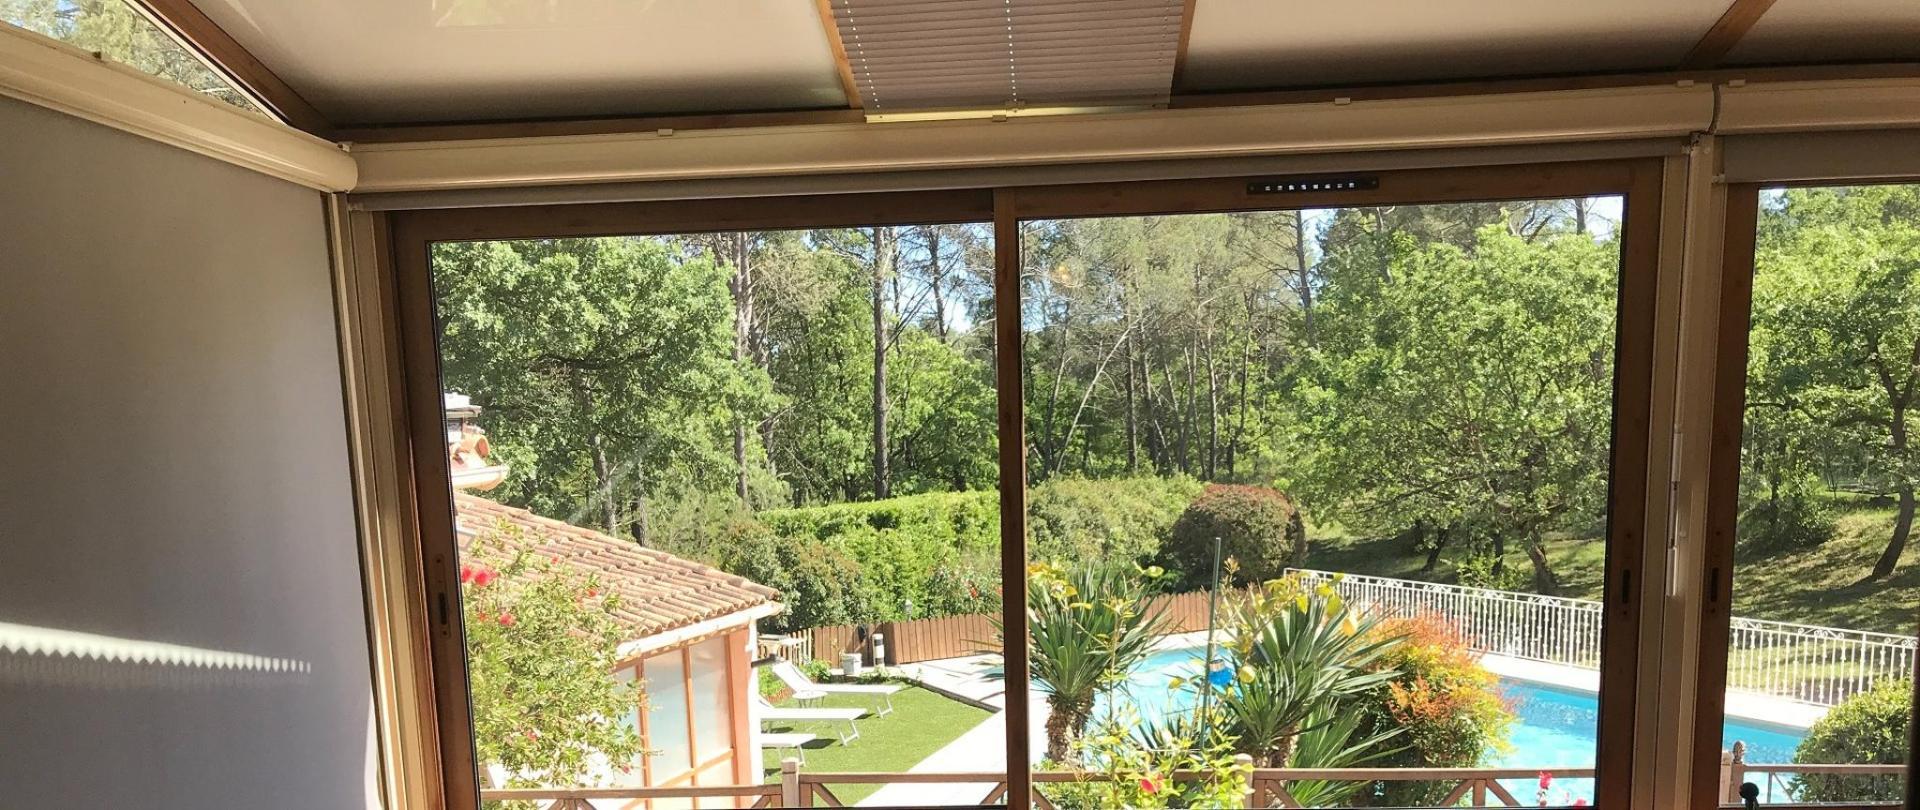 Salon dans véranda avec  vue sur parc et piscine.JPG